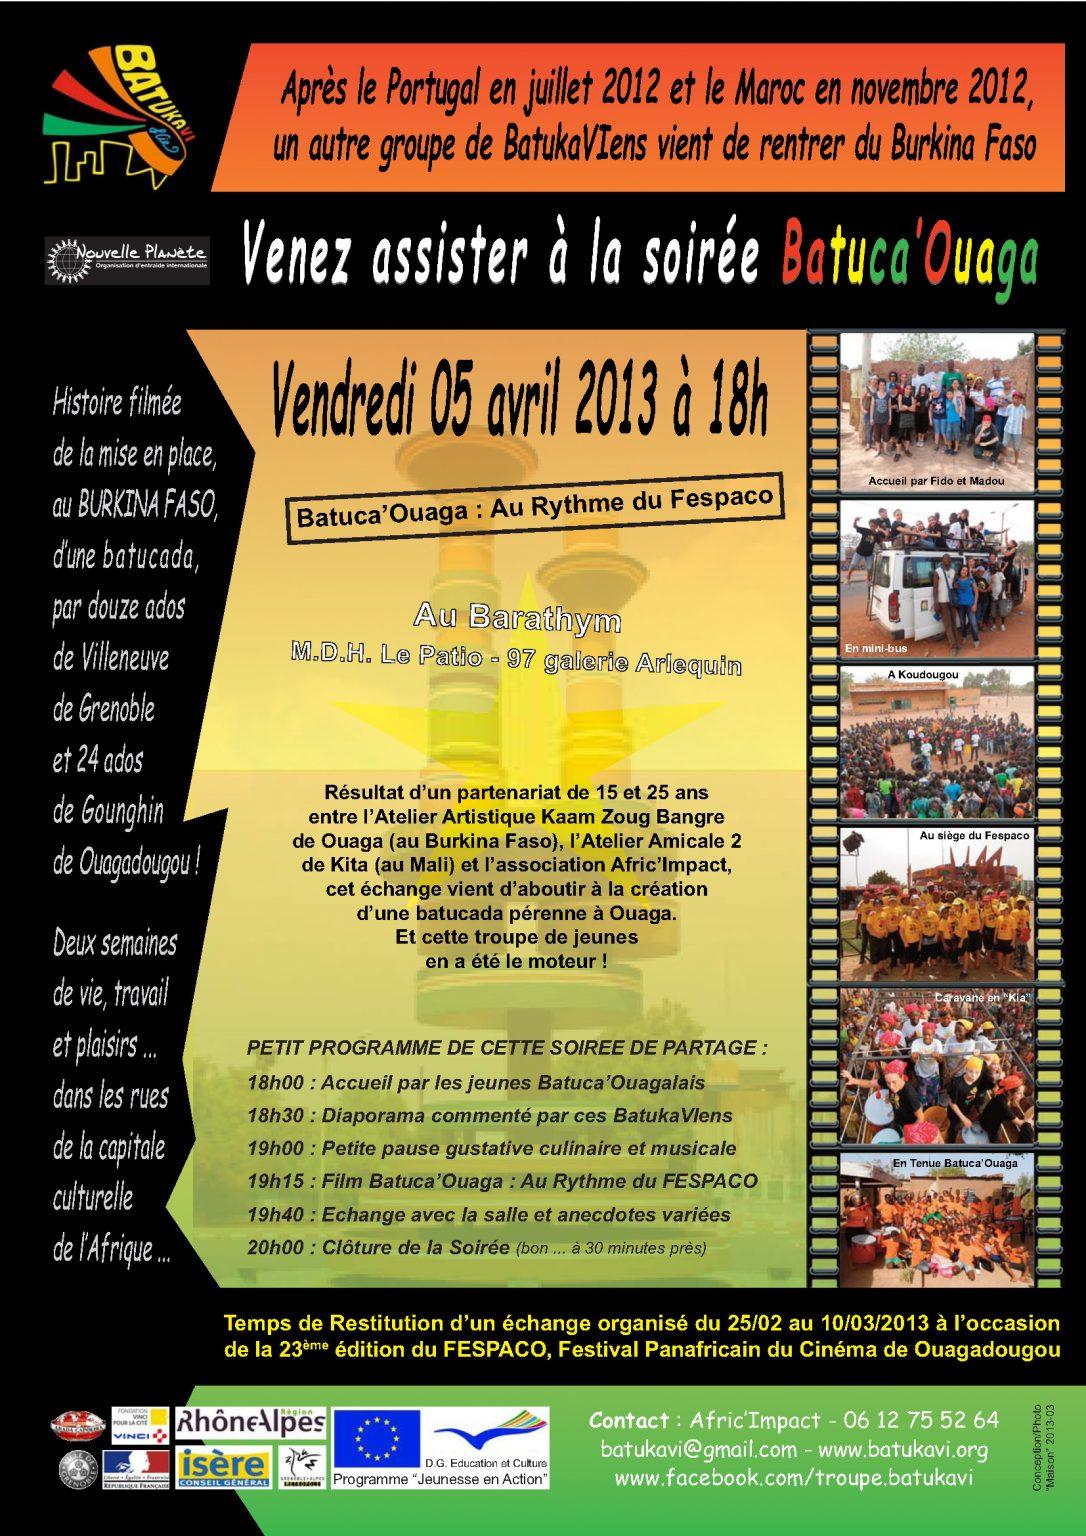 2013-04 Soirée Batuca'Ouaga